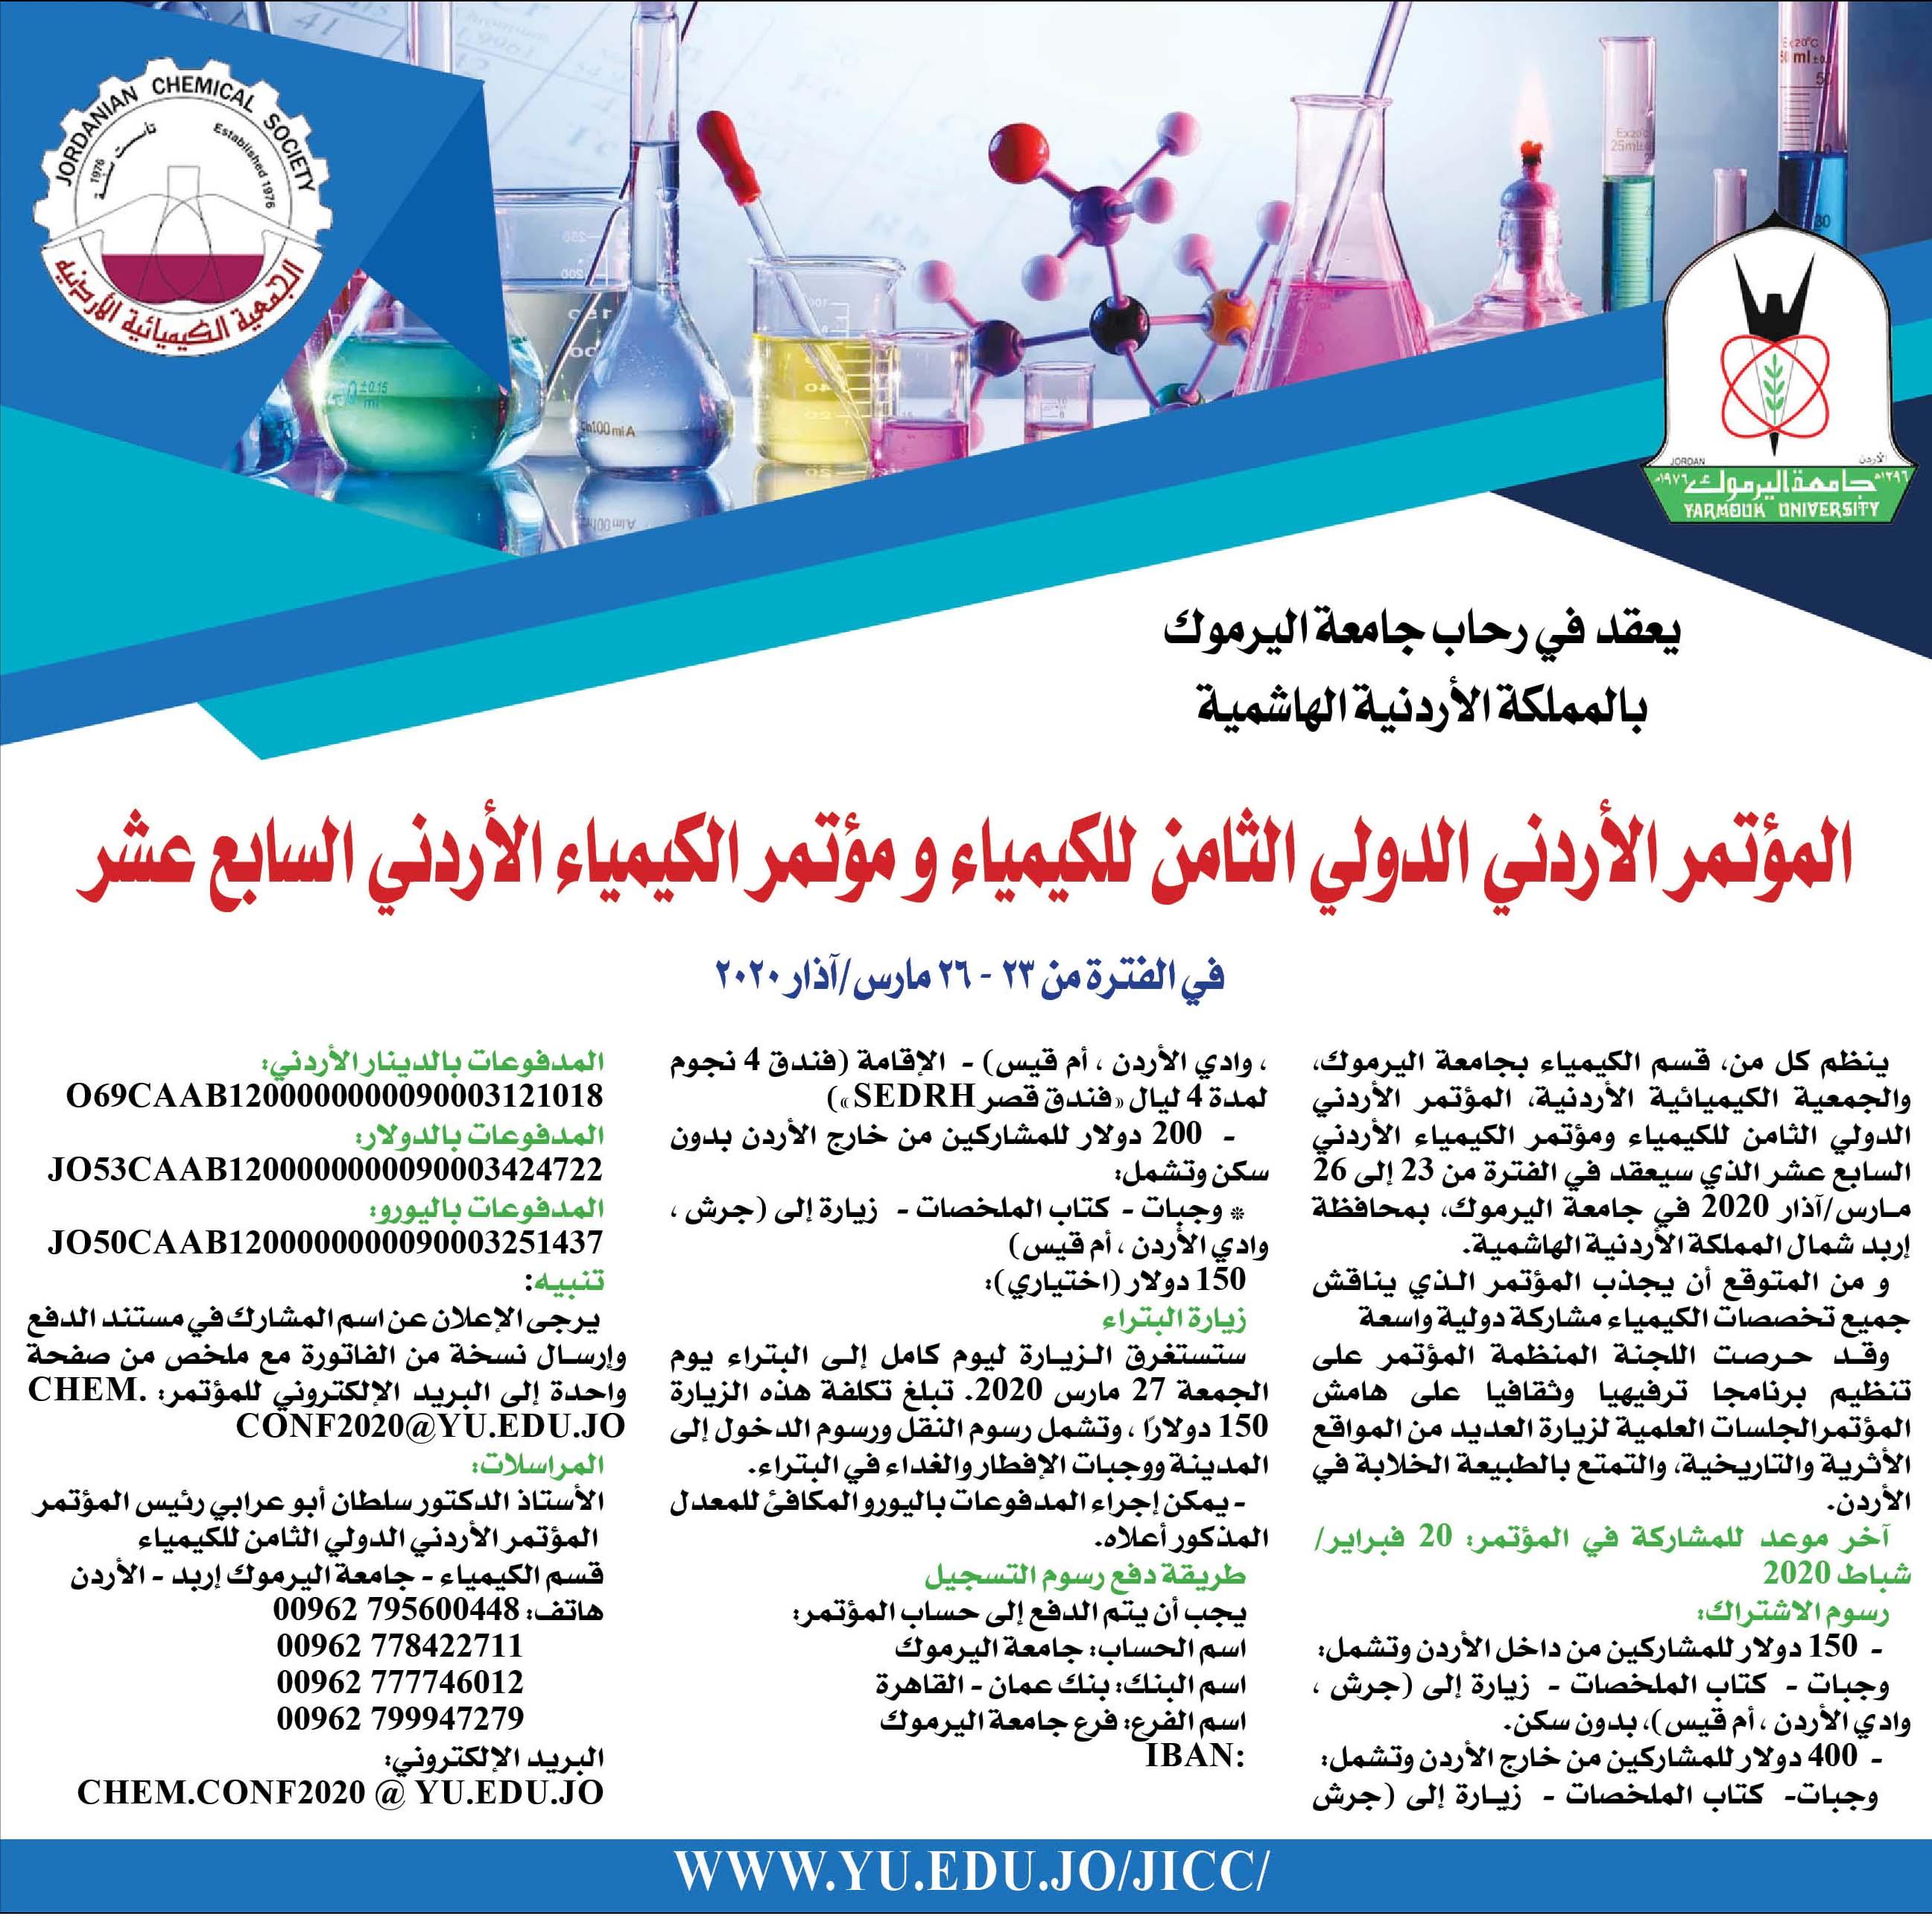 المؤتمر الأردني الدولي الثامن للكيمياء و مؤتمر الكيمياء الأردني السابع عشر